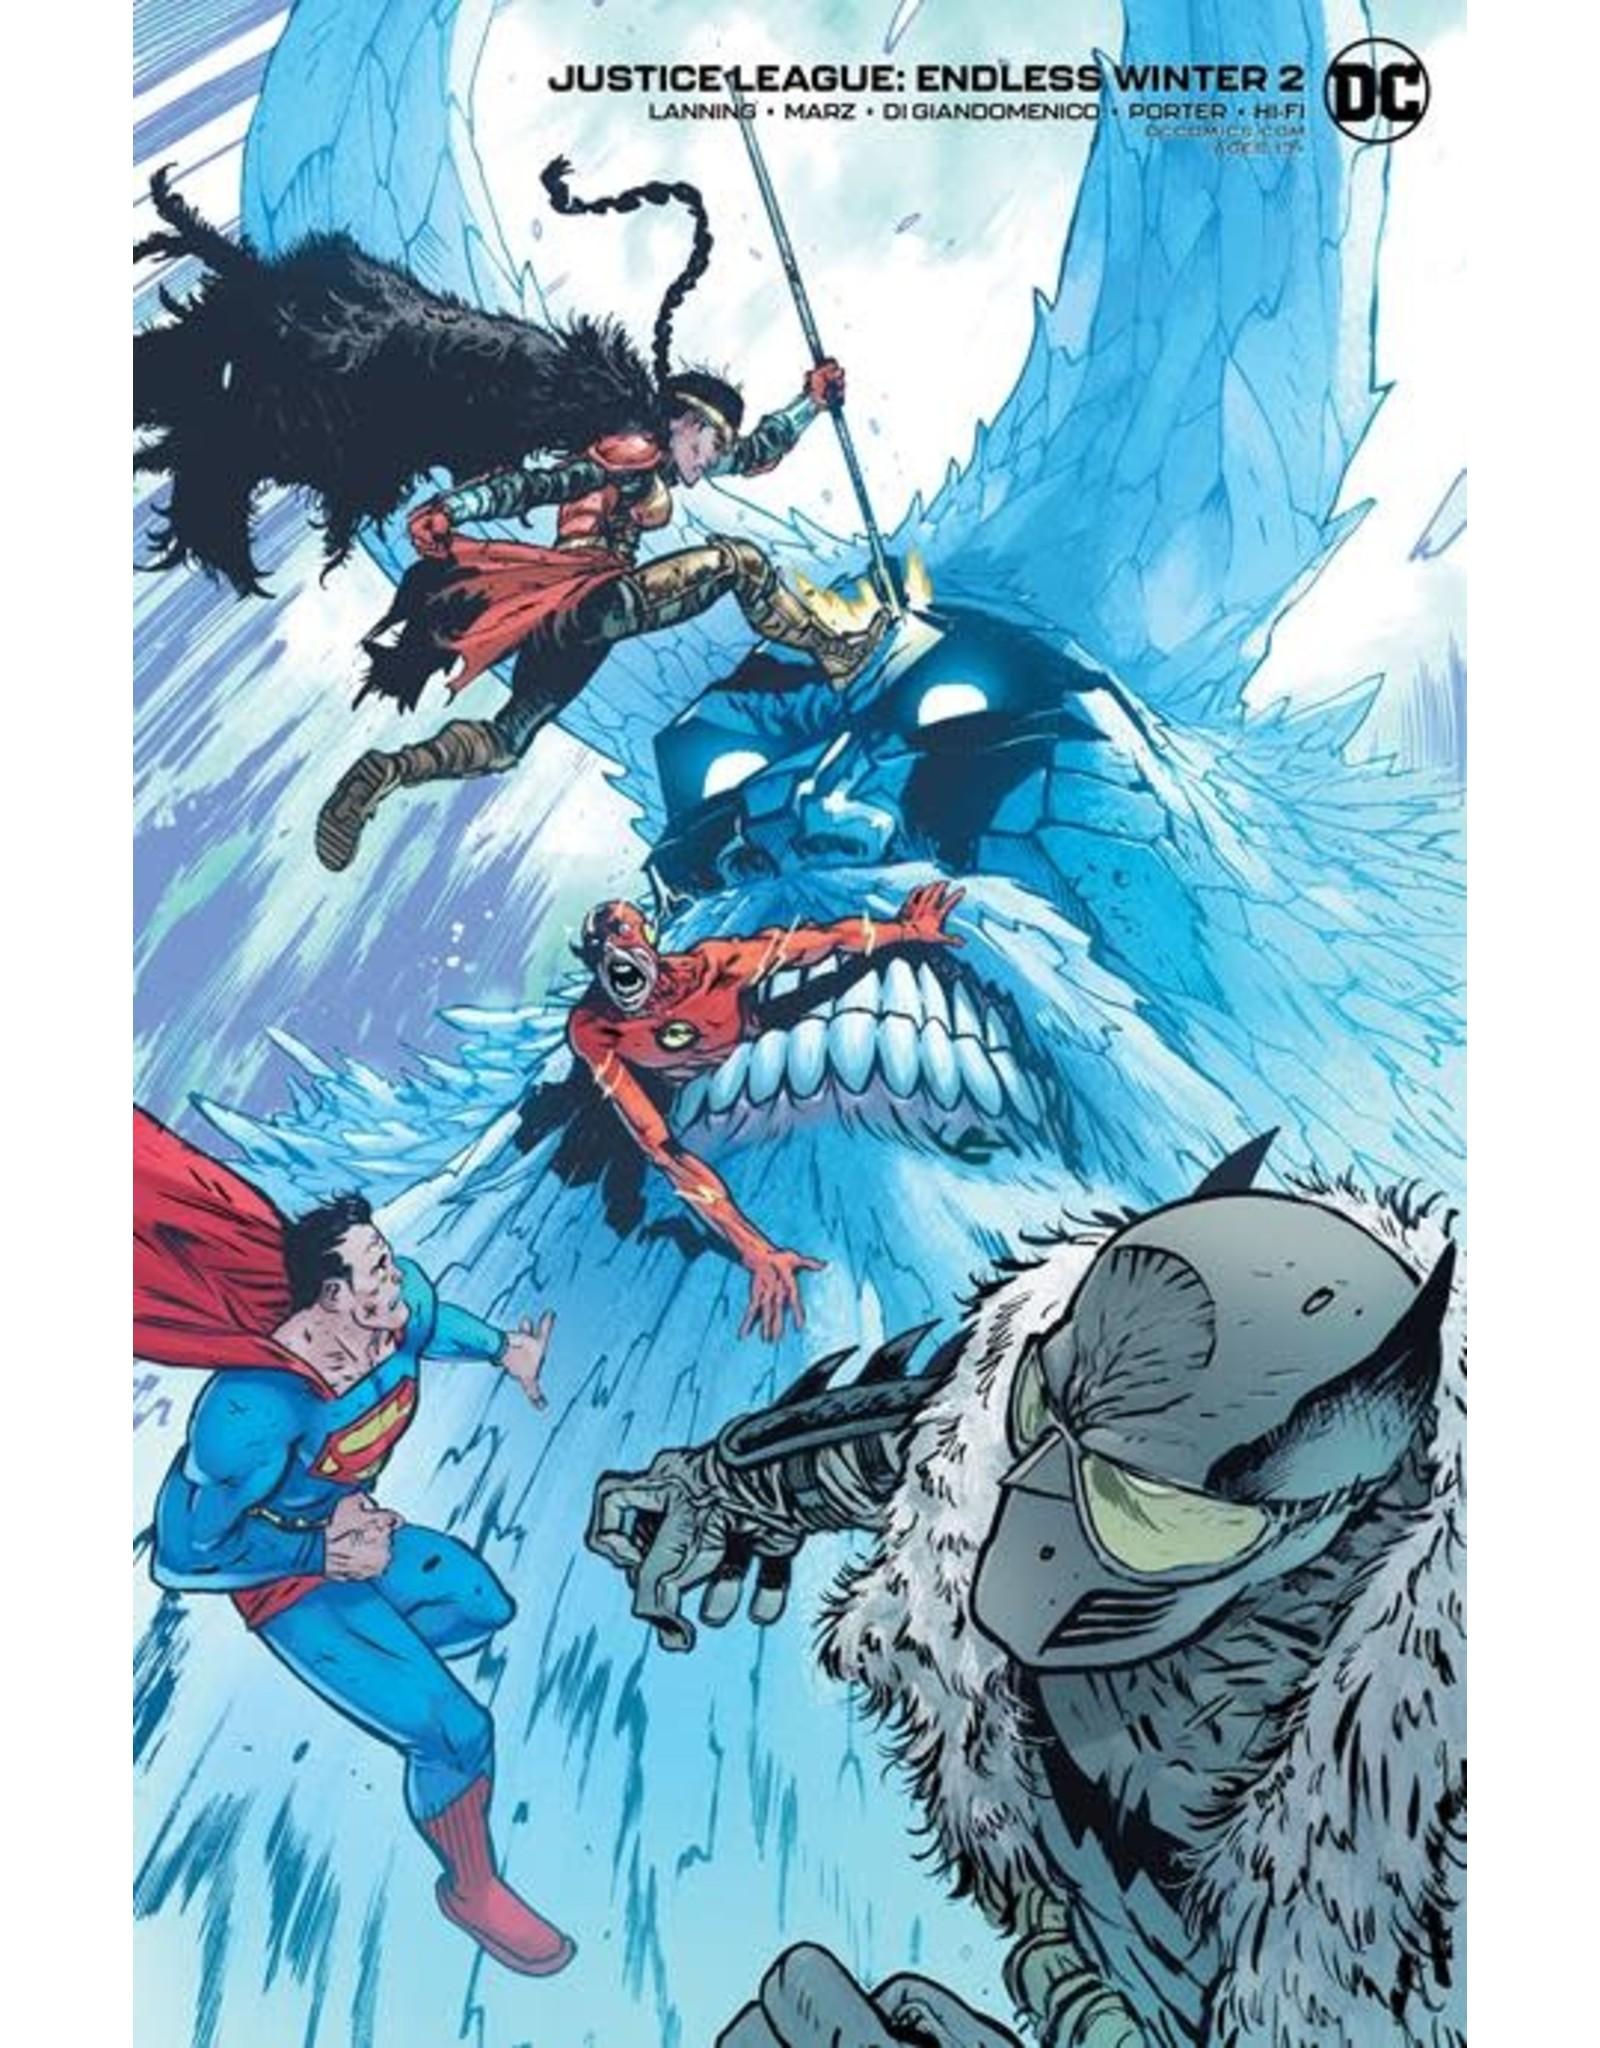 DC Comics JUSTICE LEAGUE ENDLESS WINTER #2 (OF 2) CVR B DANIEL WARREN JOHNSON CARD STOCK VAR (ENDLESS WINTER)